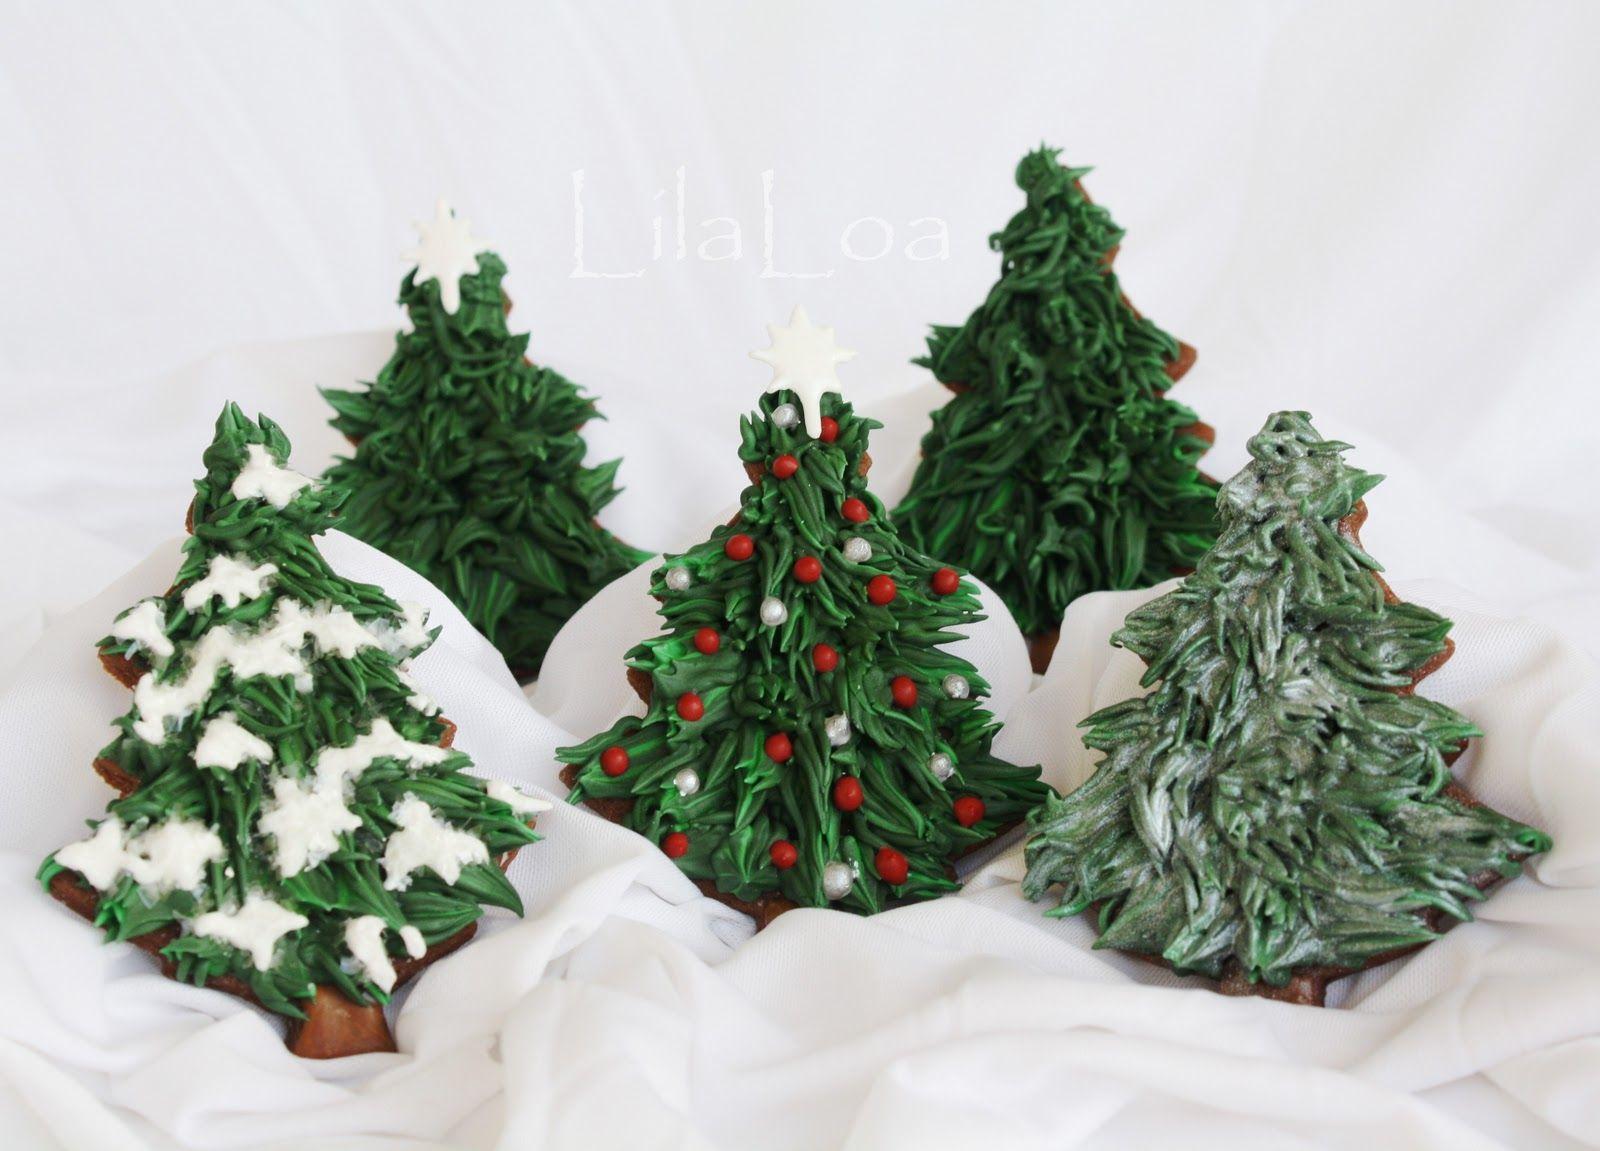 Lilaloa Christmas Trees On The Traditional Side Christmas Cookies Decorated Christmas Tree Cookies Christmas Sugar Cookies